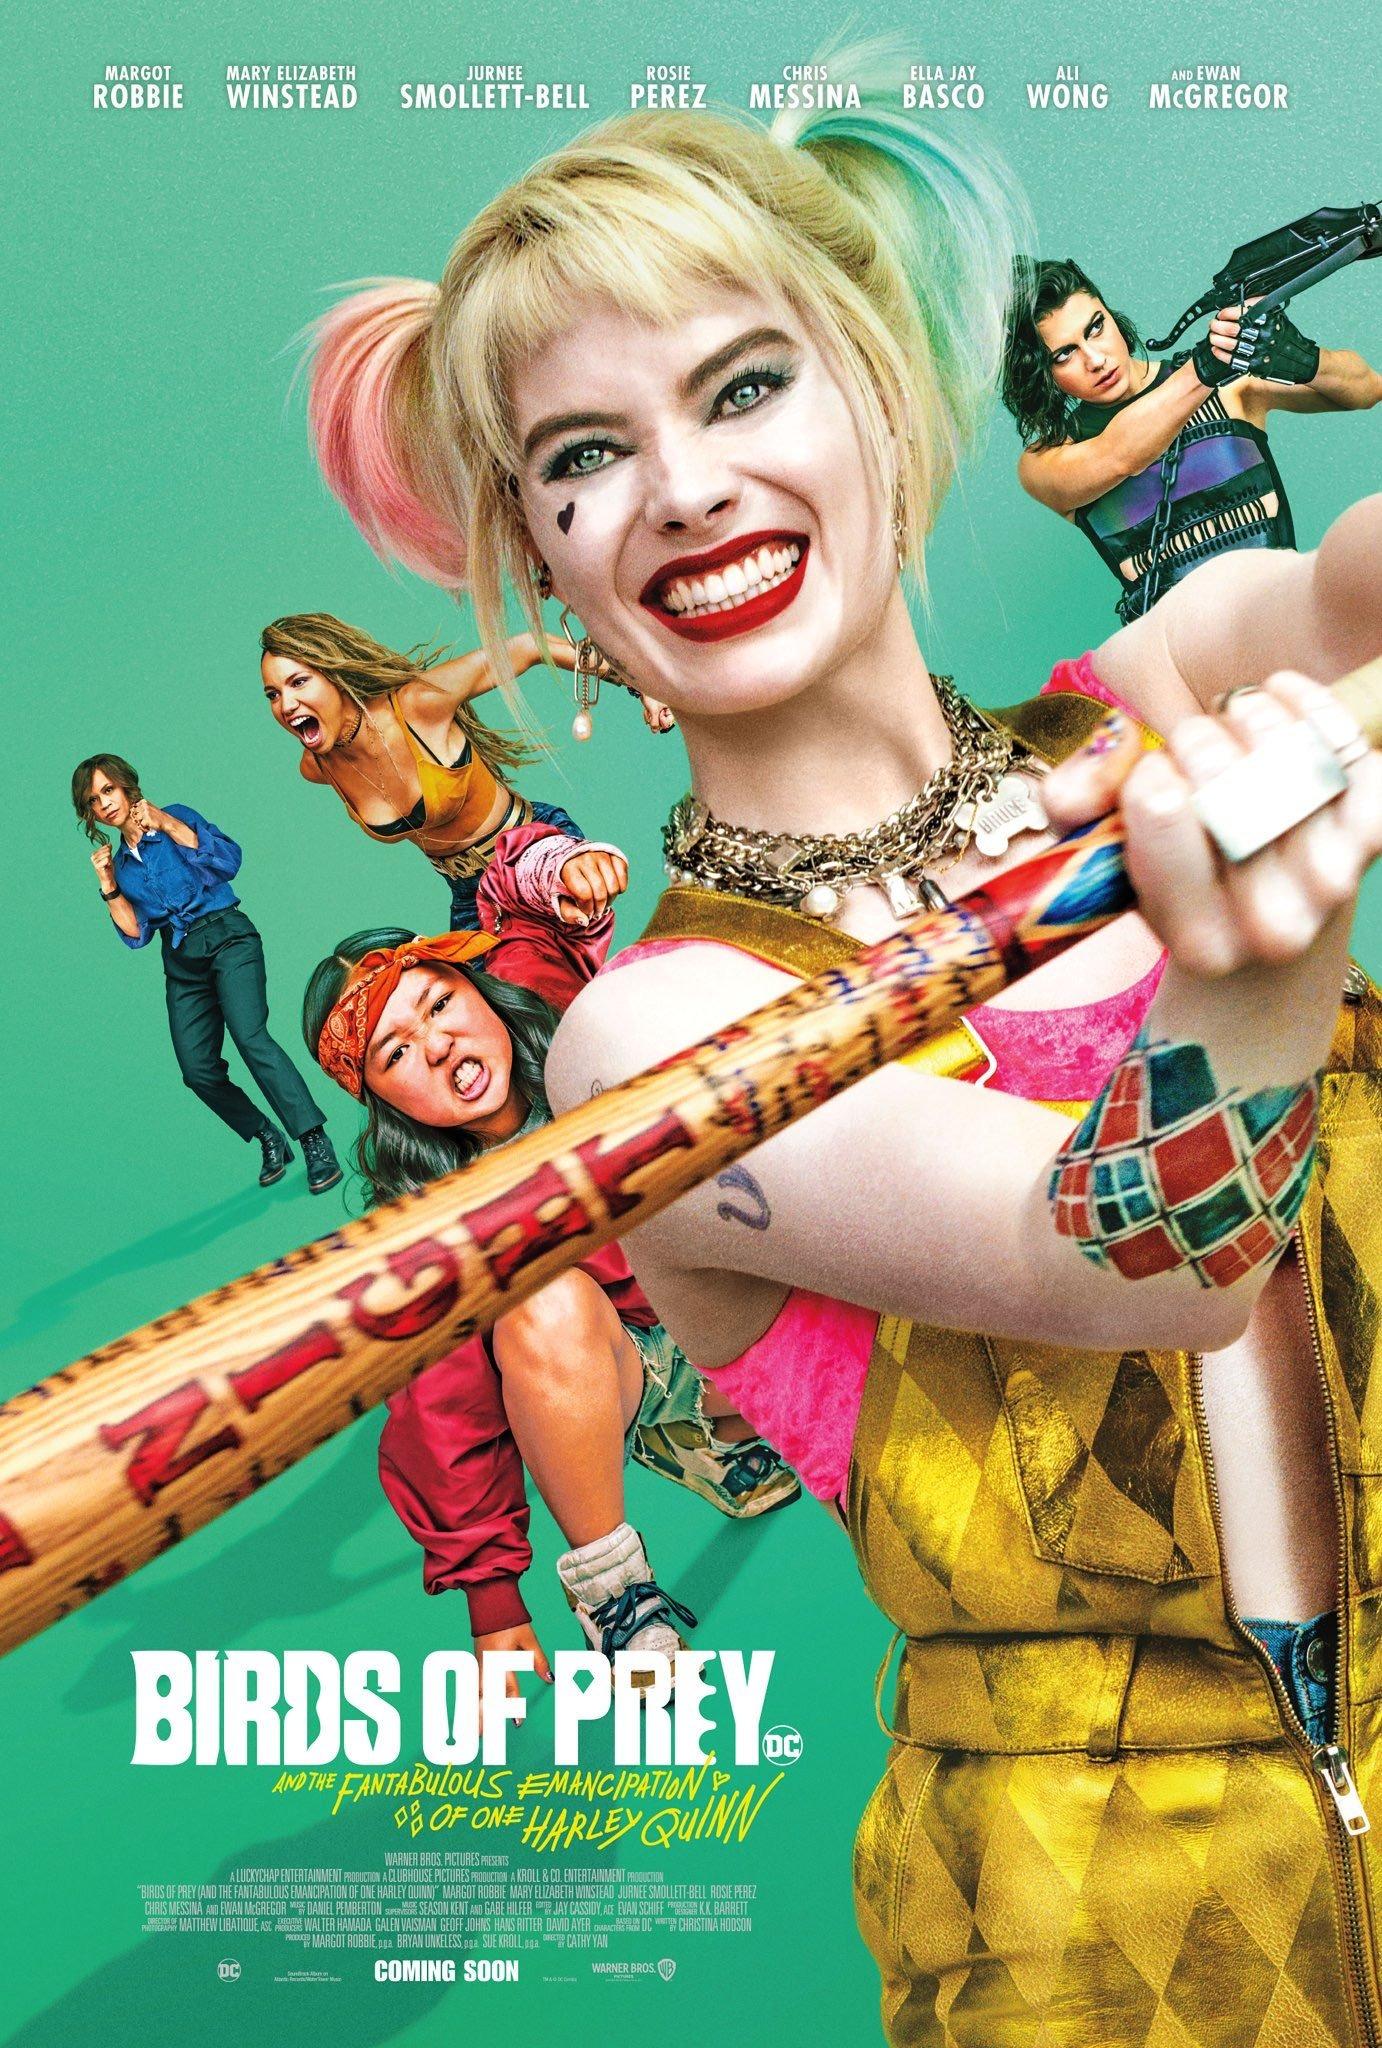 birds_of_prey_p16.png